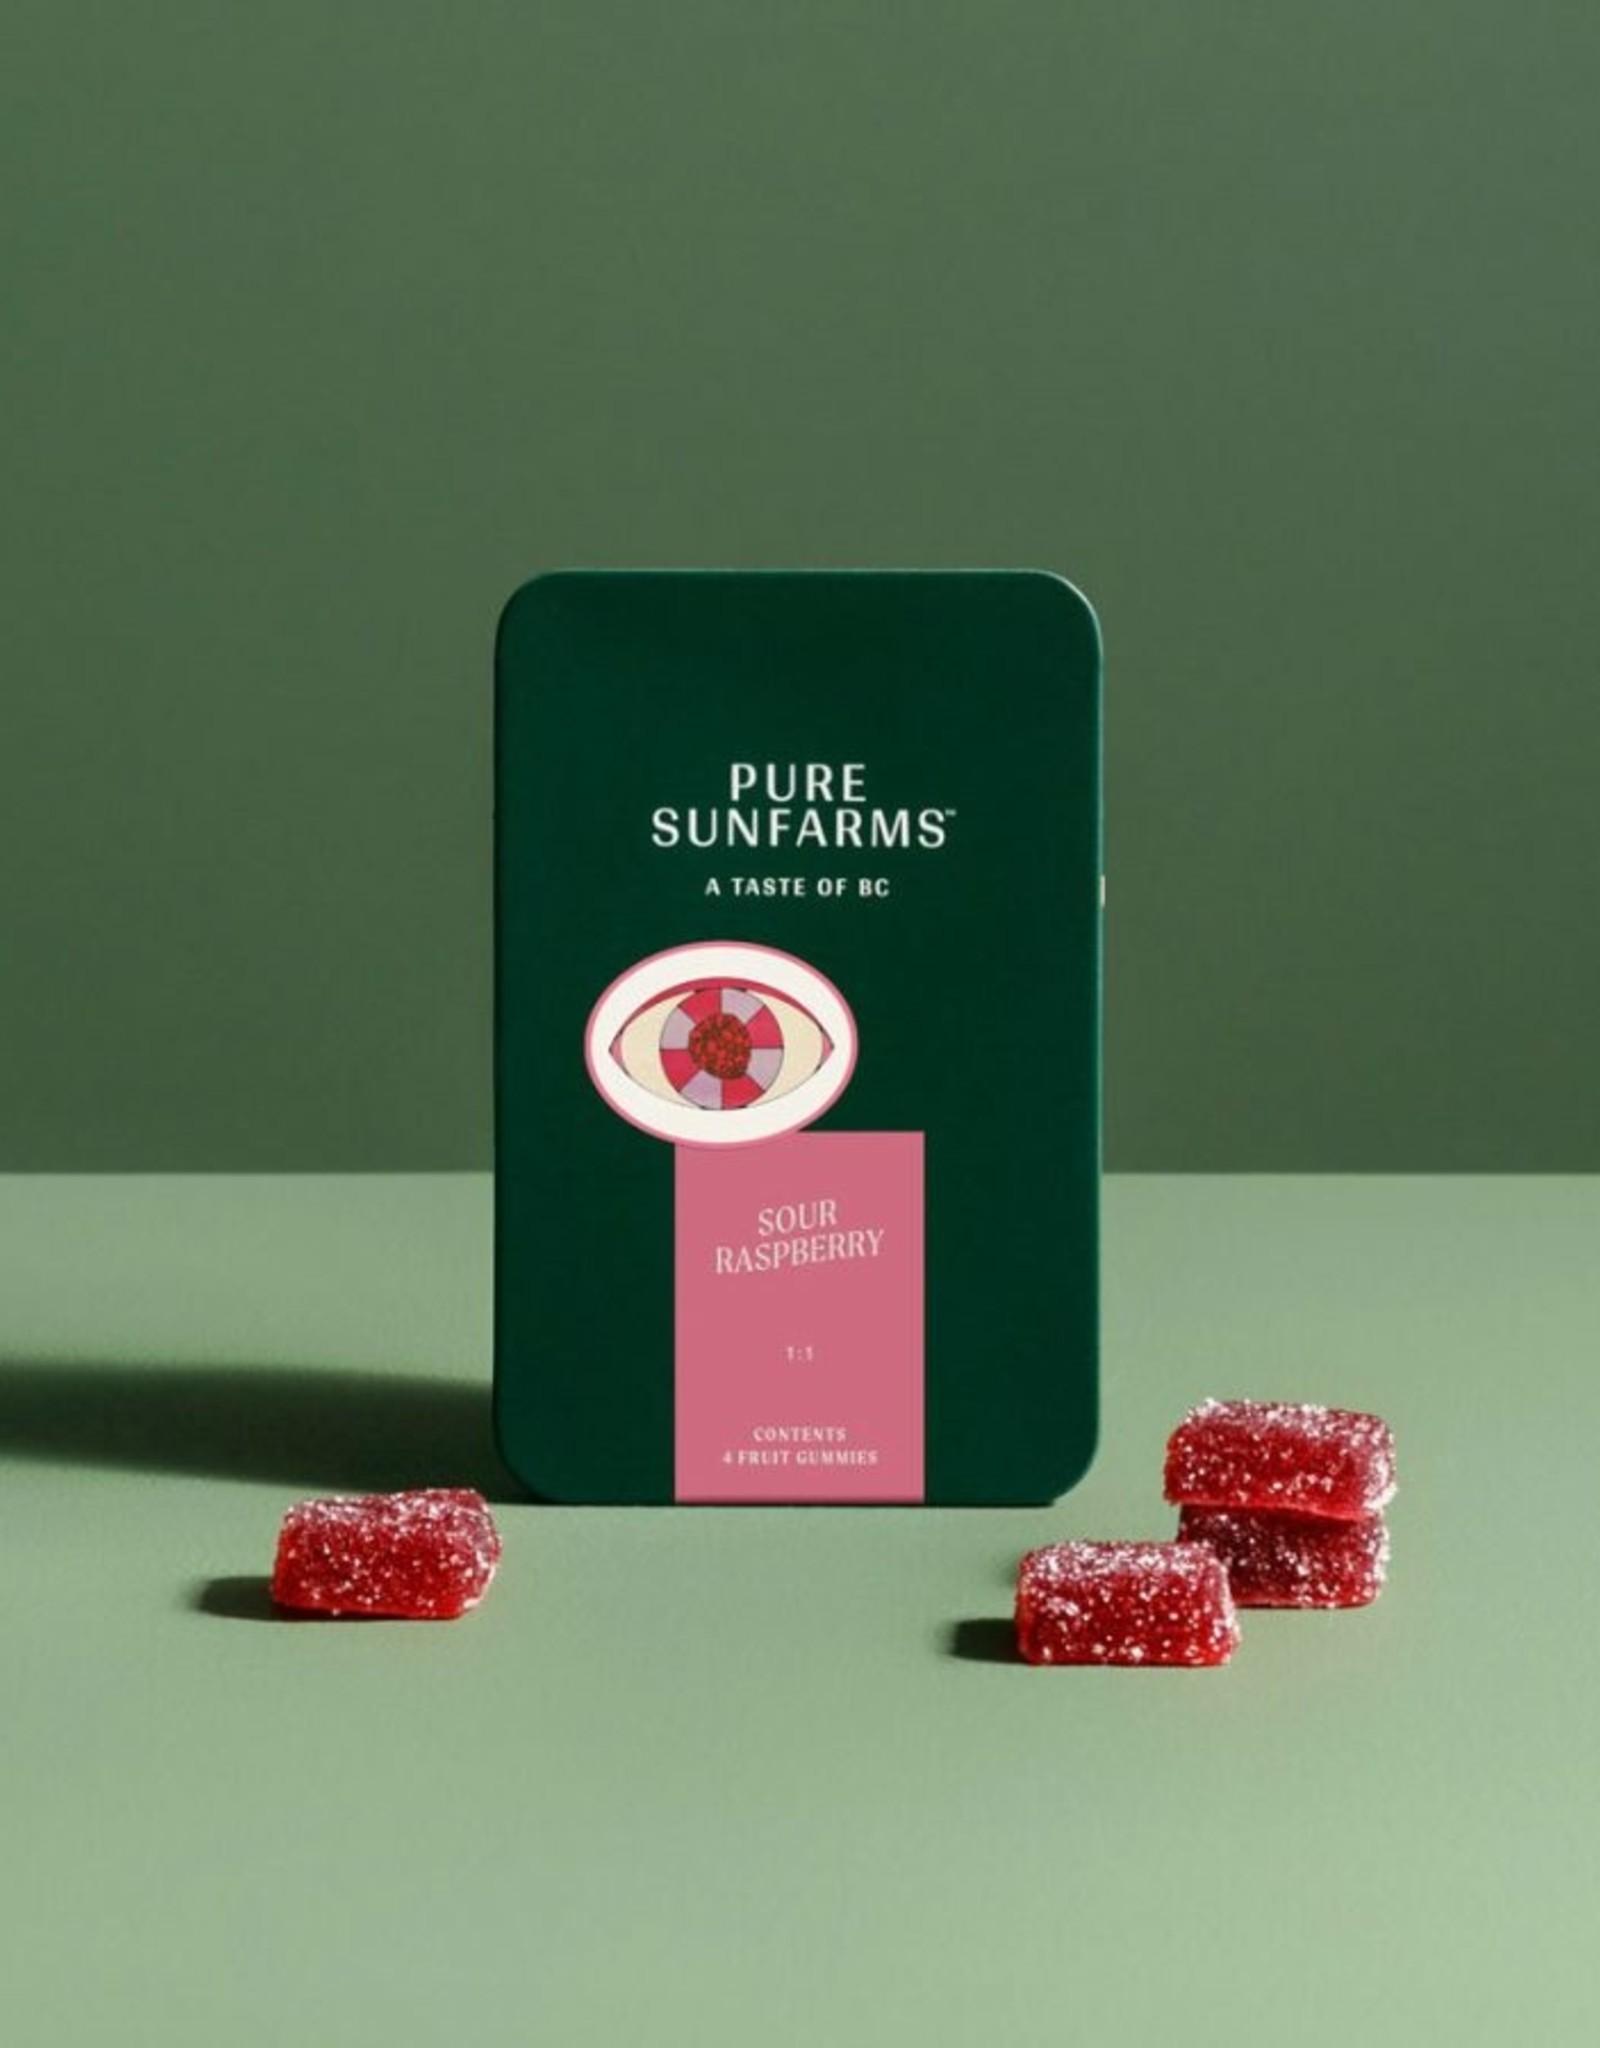 Pure Sunfarms Pure Sunfarms - Sour Raspberry 1:1 Gummies